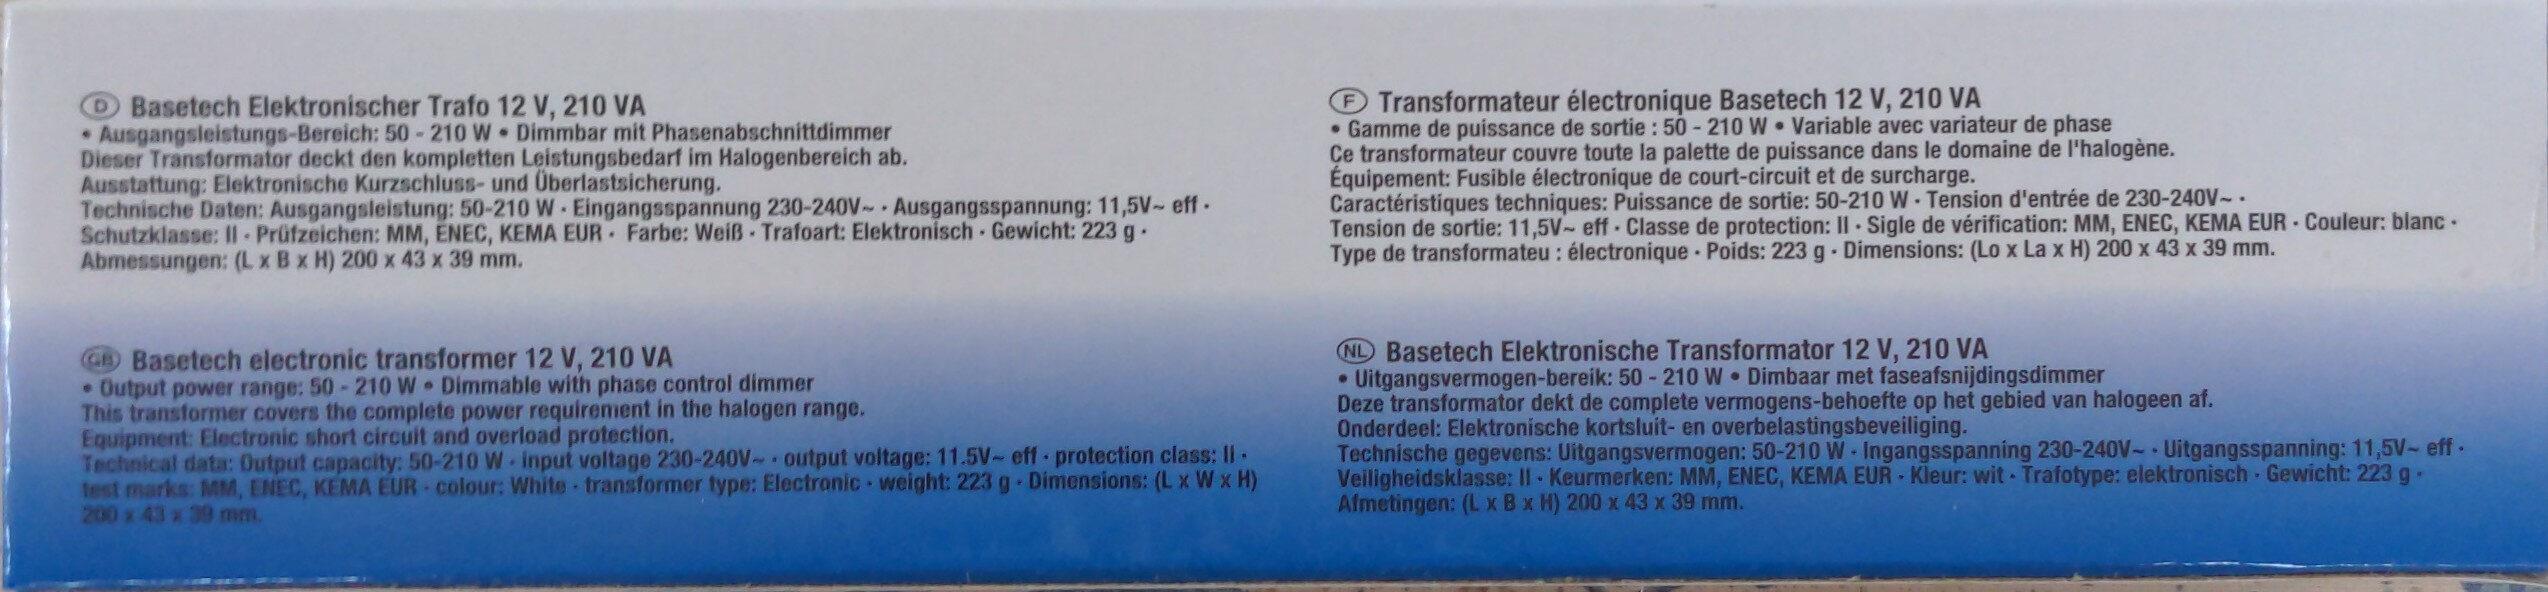 Transformateur électronique Basetech 12 V, 210 VA - Product - en